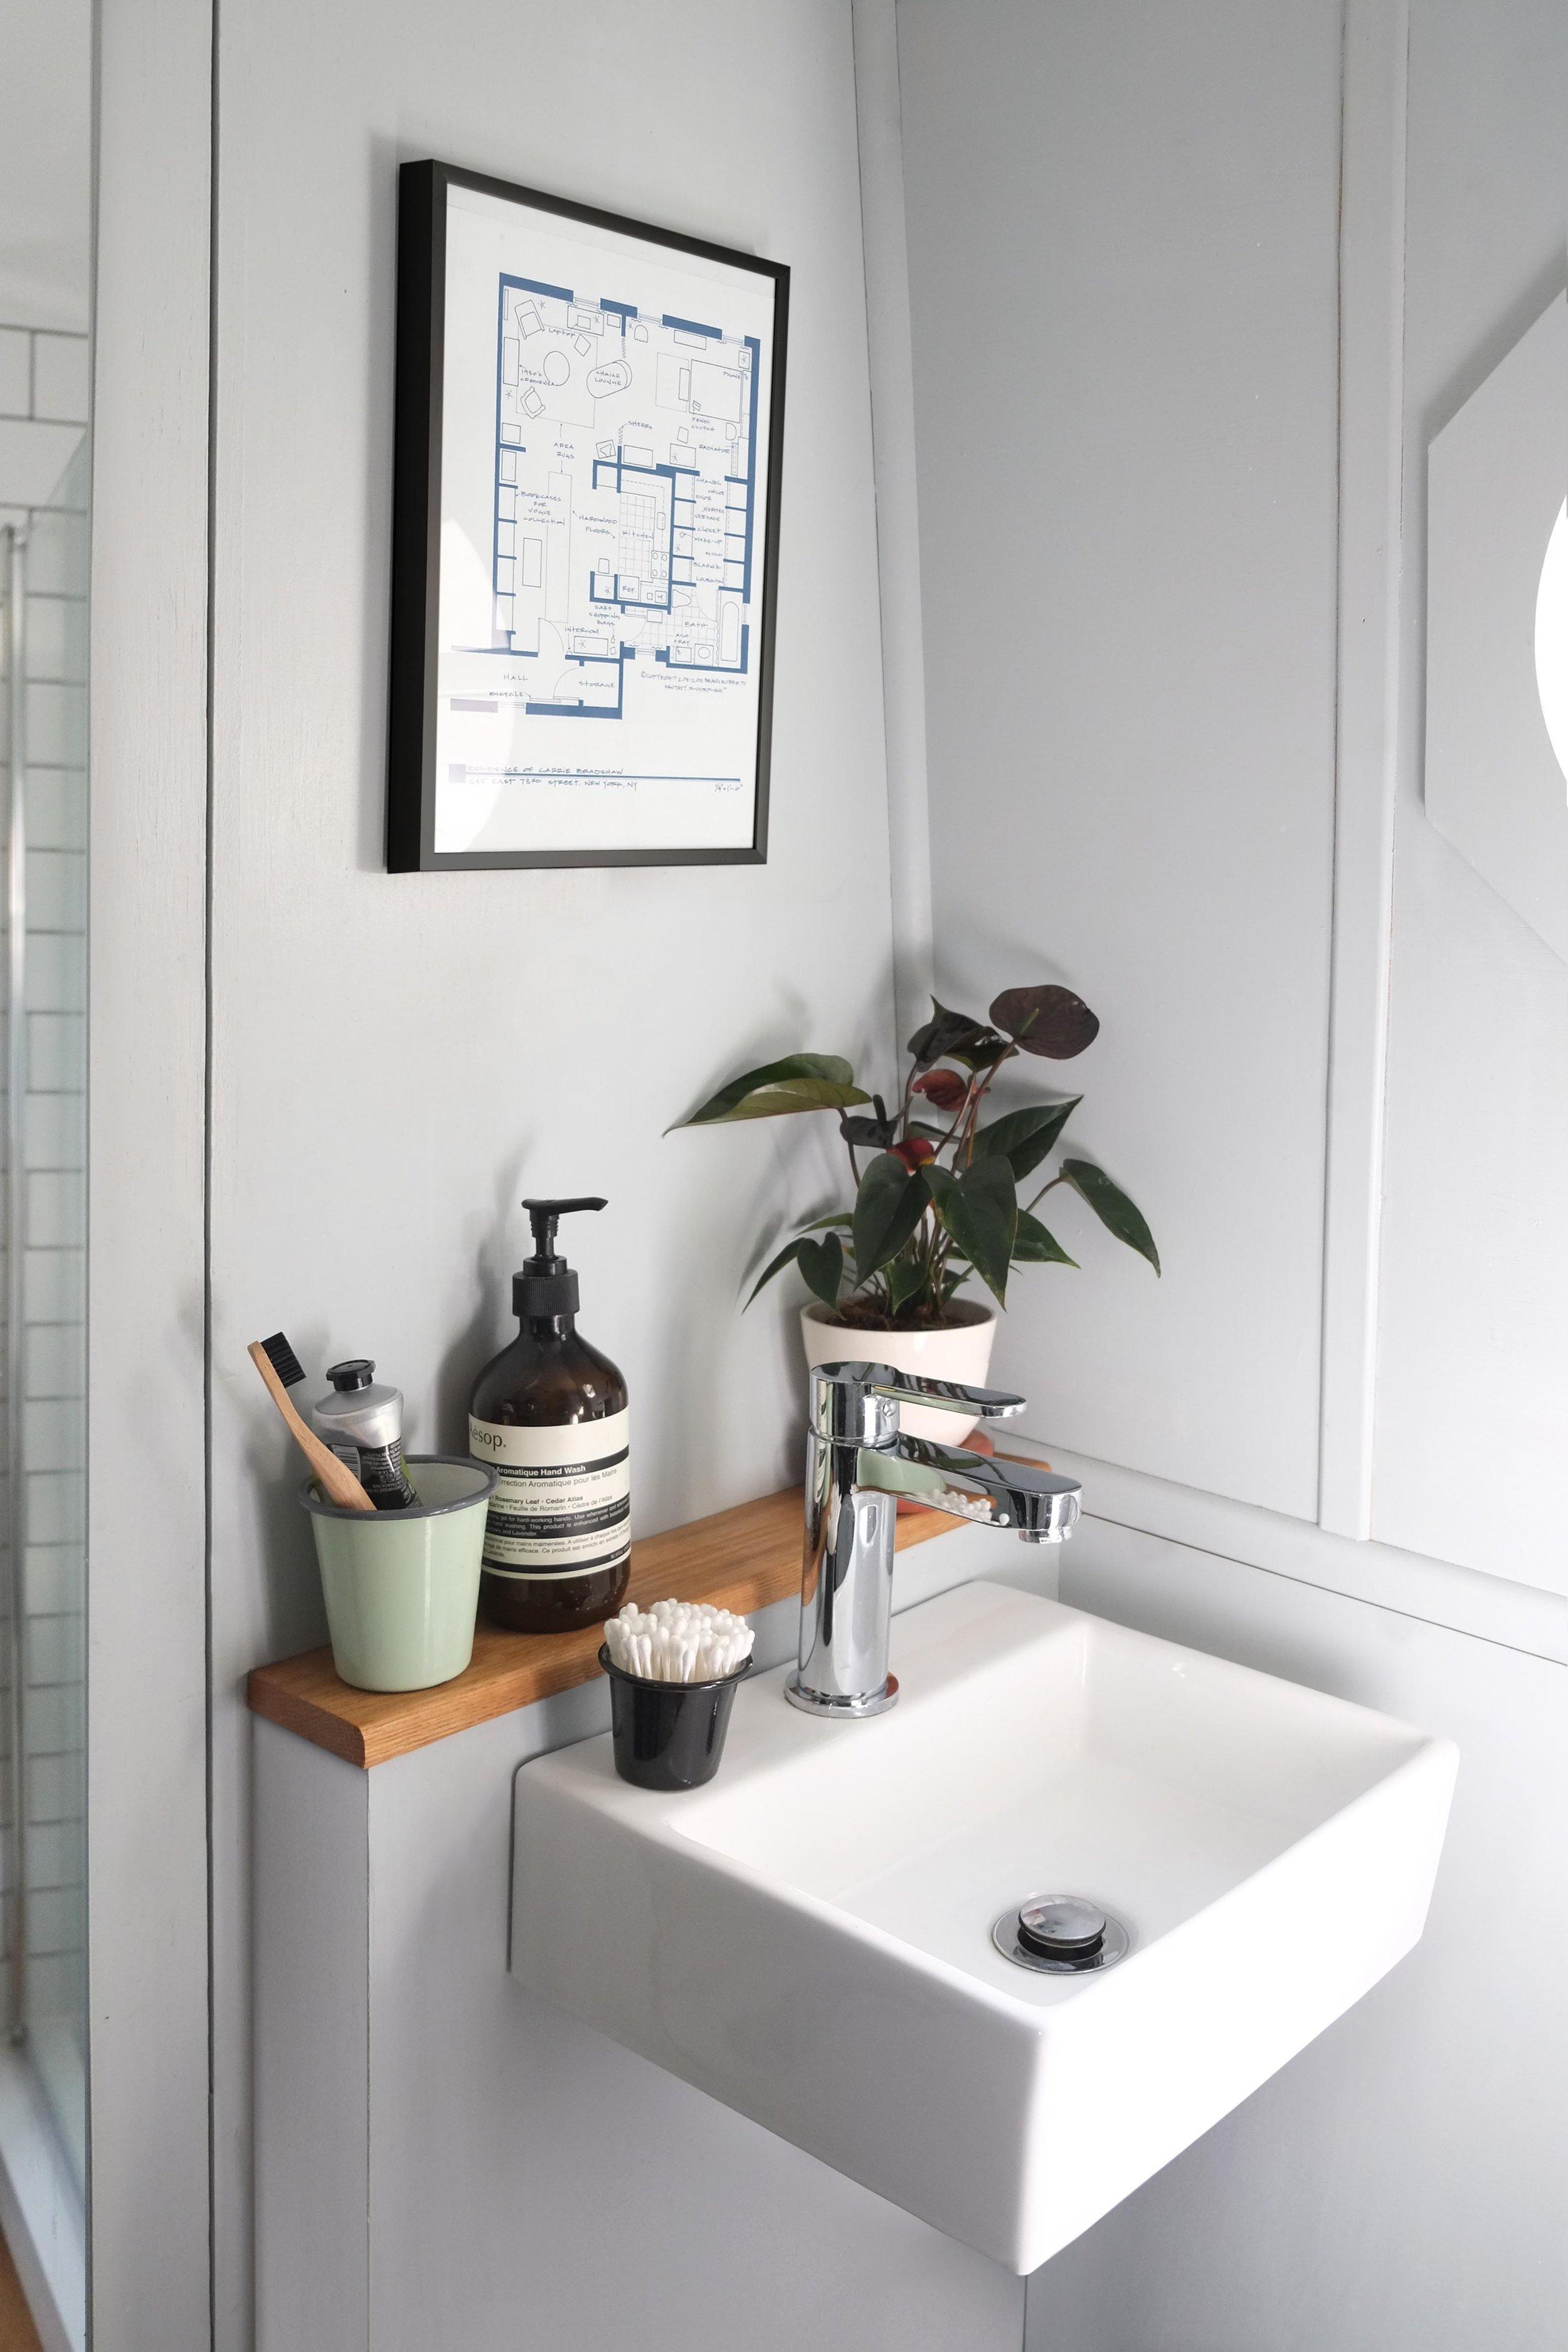 lunarlunar_interior_design_canal_boat_small_space_bathroom_sink.jpg